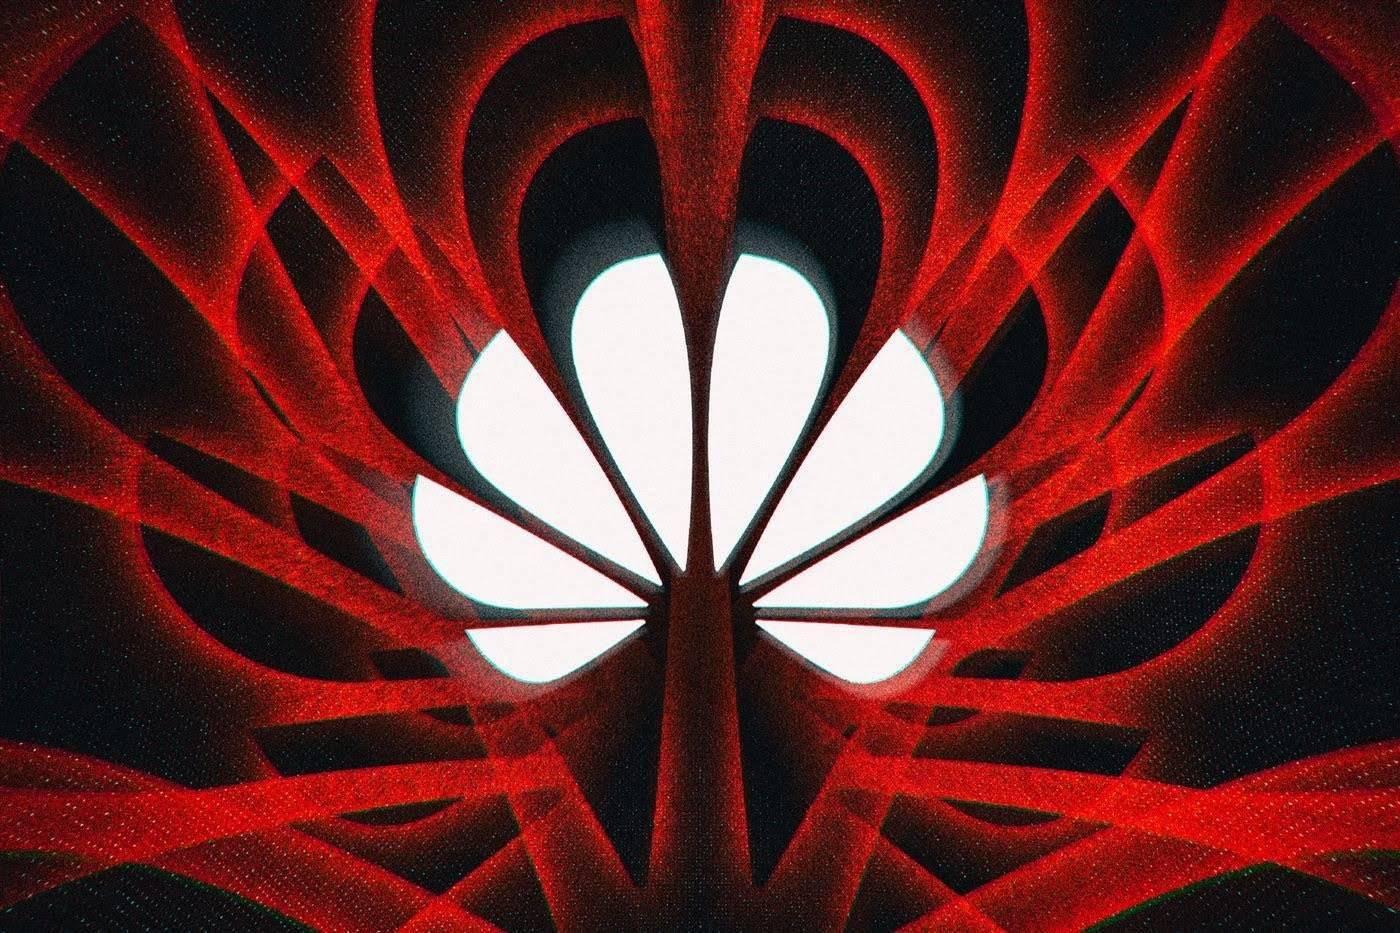 美移除华为中兴设备耗资18亿美元 16亿美元获得联